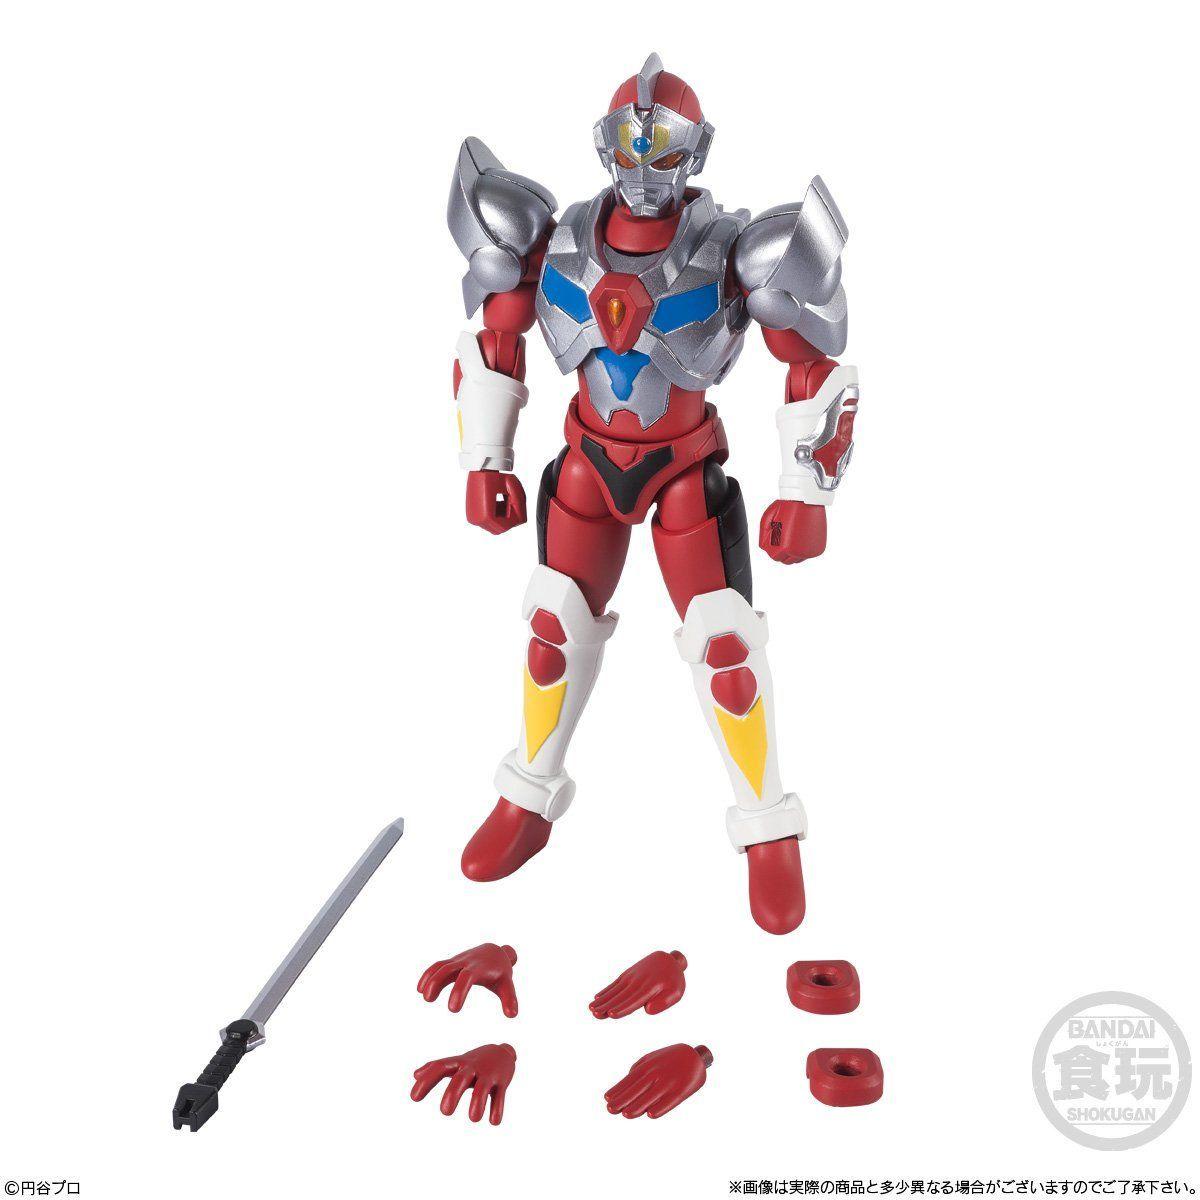 スーパーミニプラ『電光超人グリッドマン』4個入 BOX-007